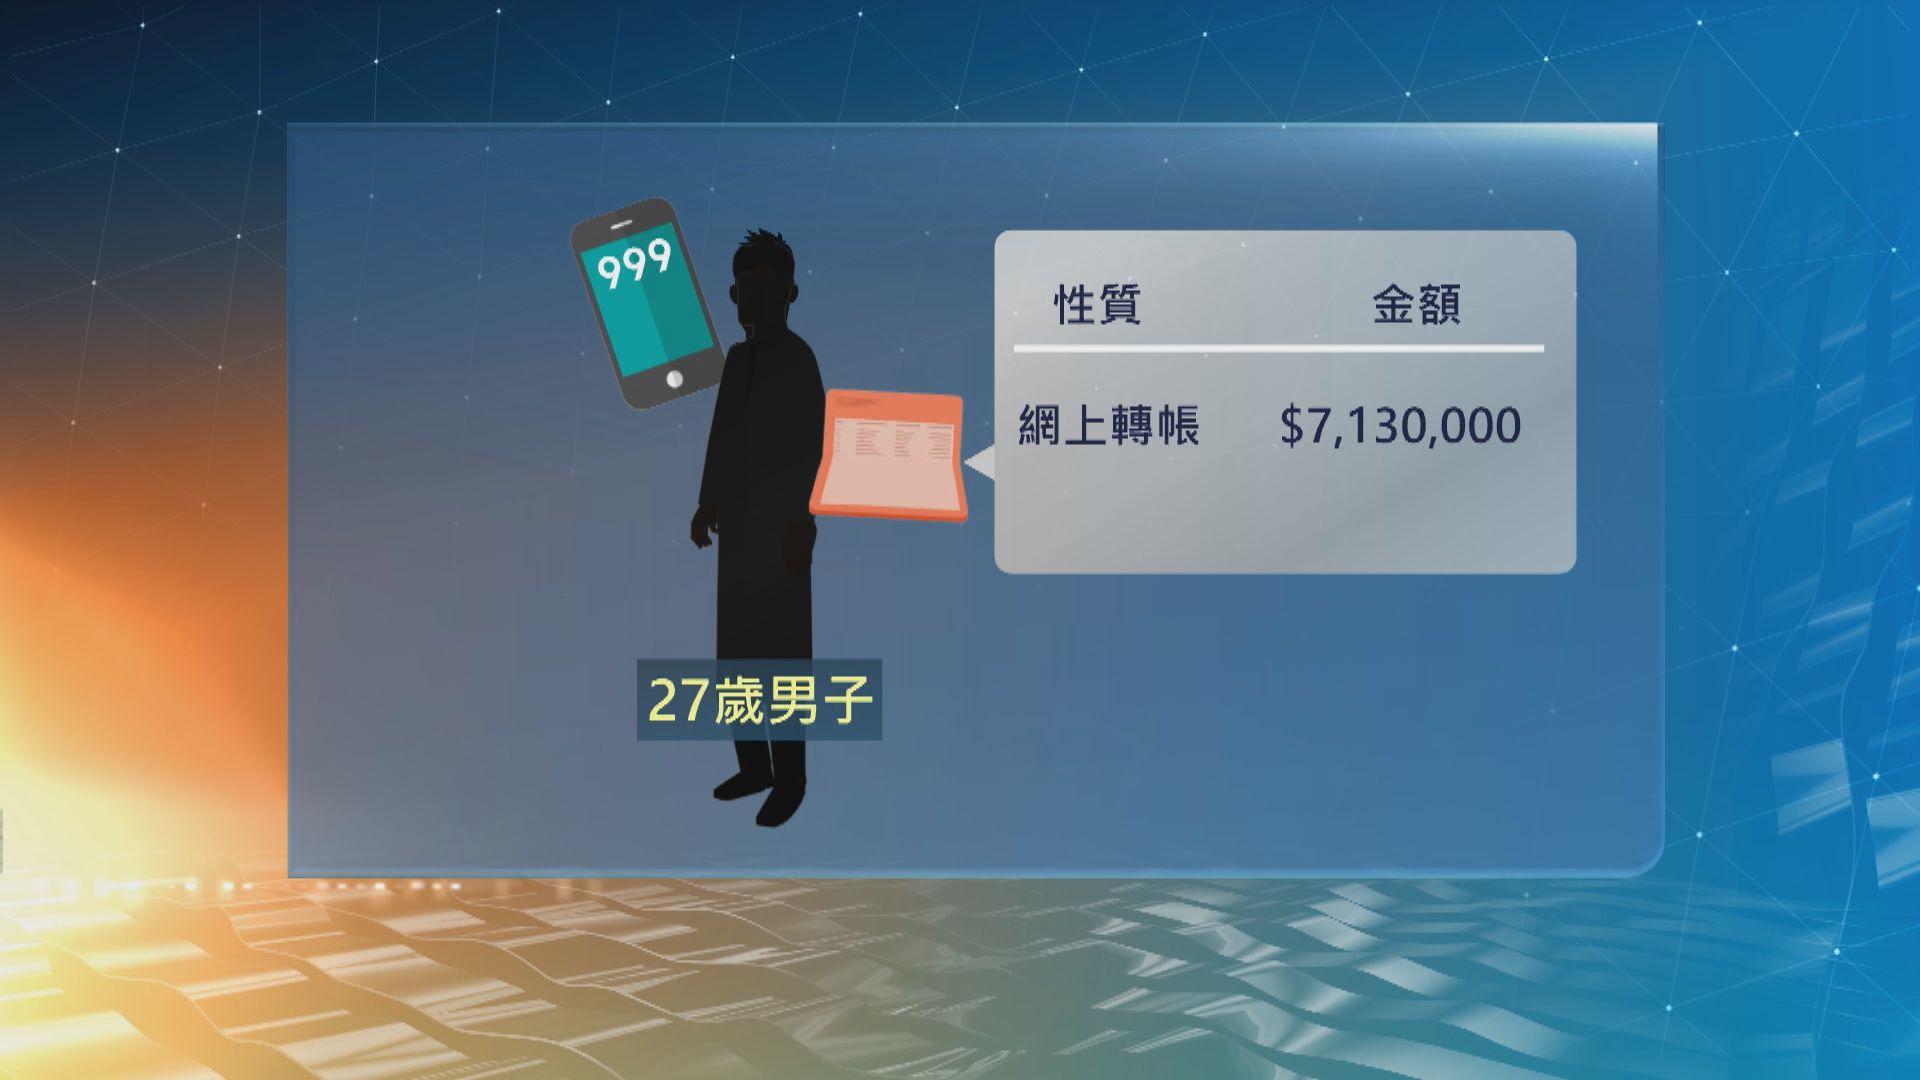 內地男子遇電話騙案失713萬元 暫未有人被捕